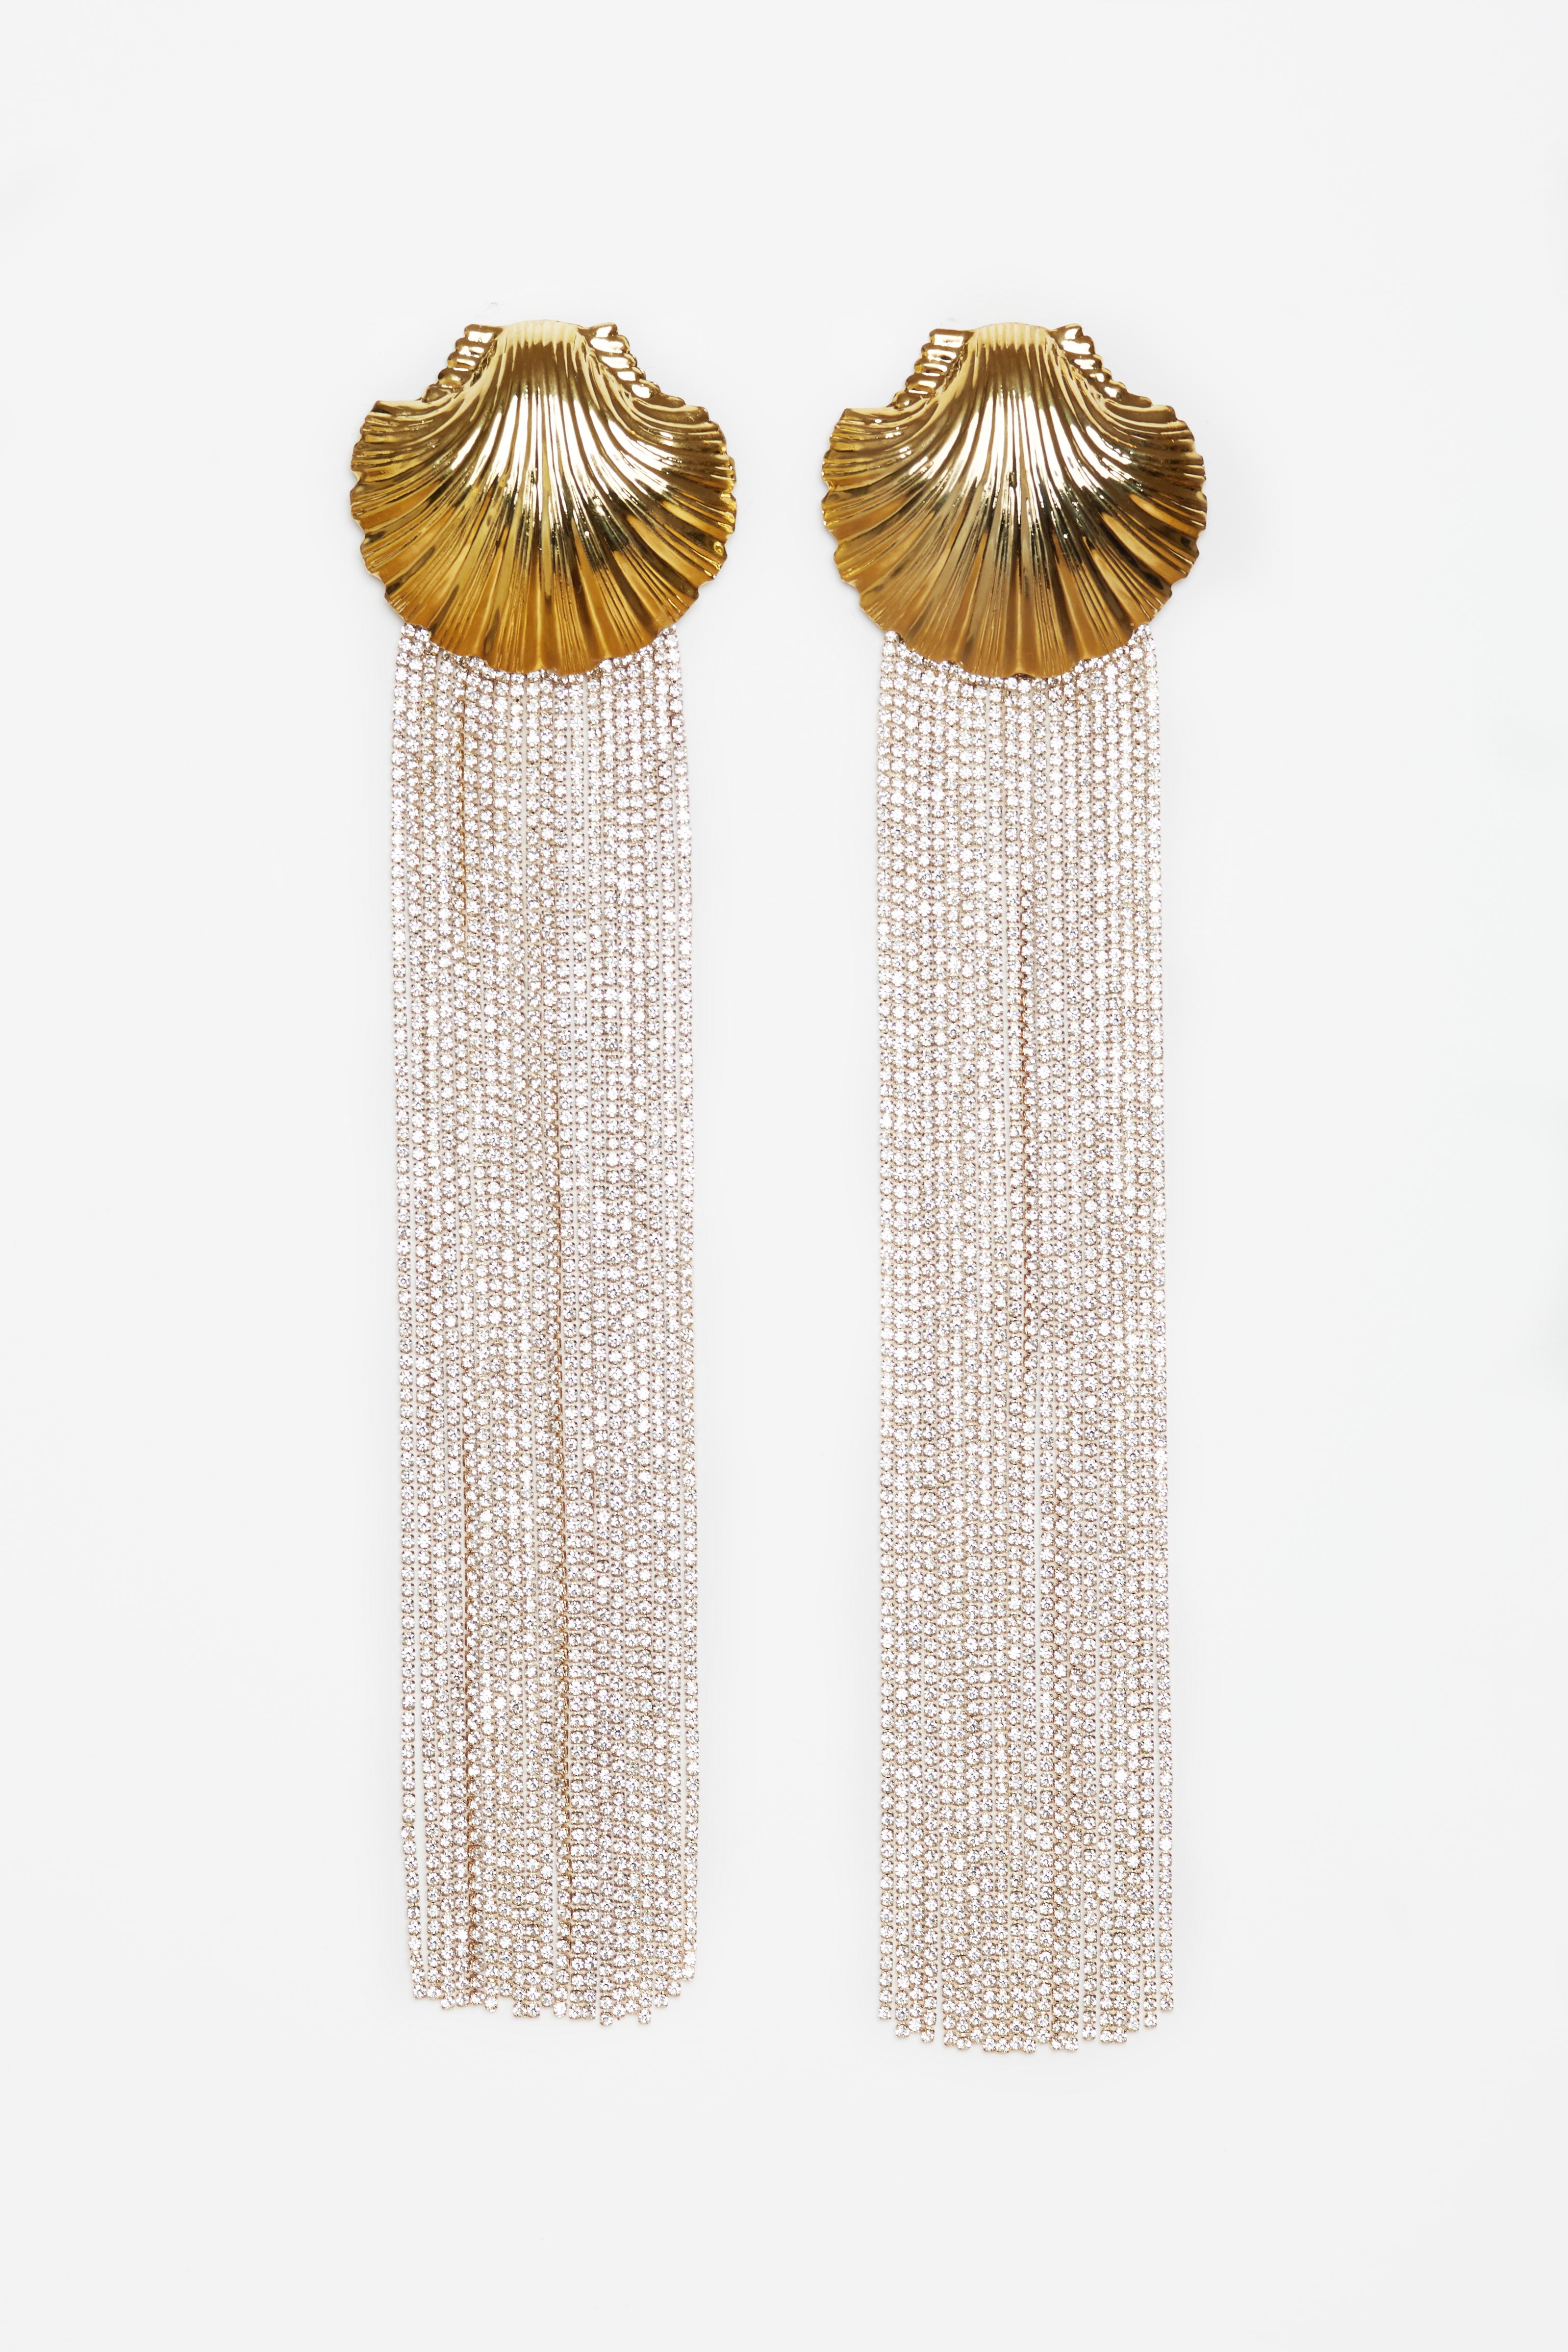 GOLD VENUS EARRINGS